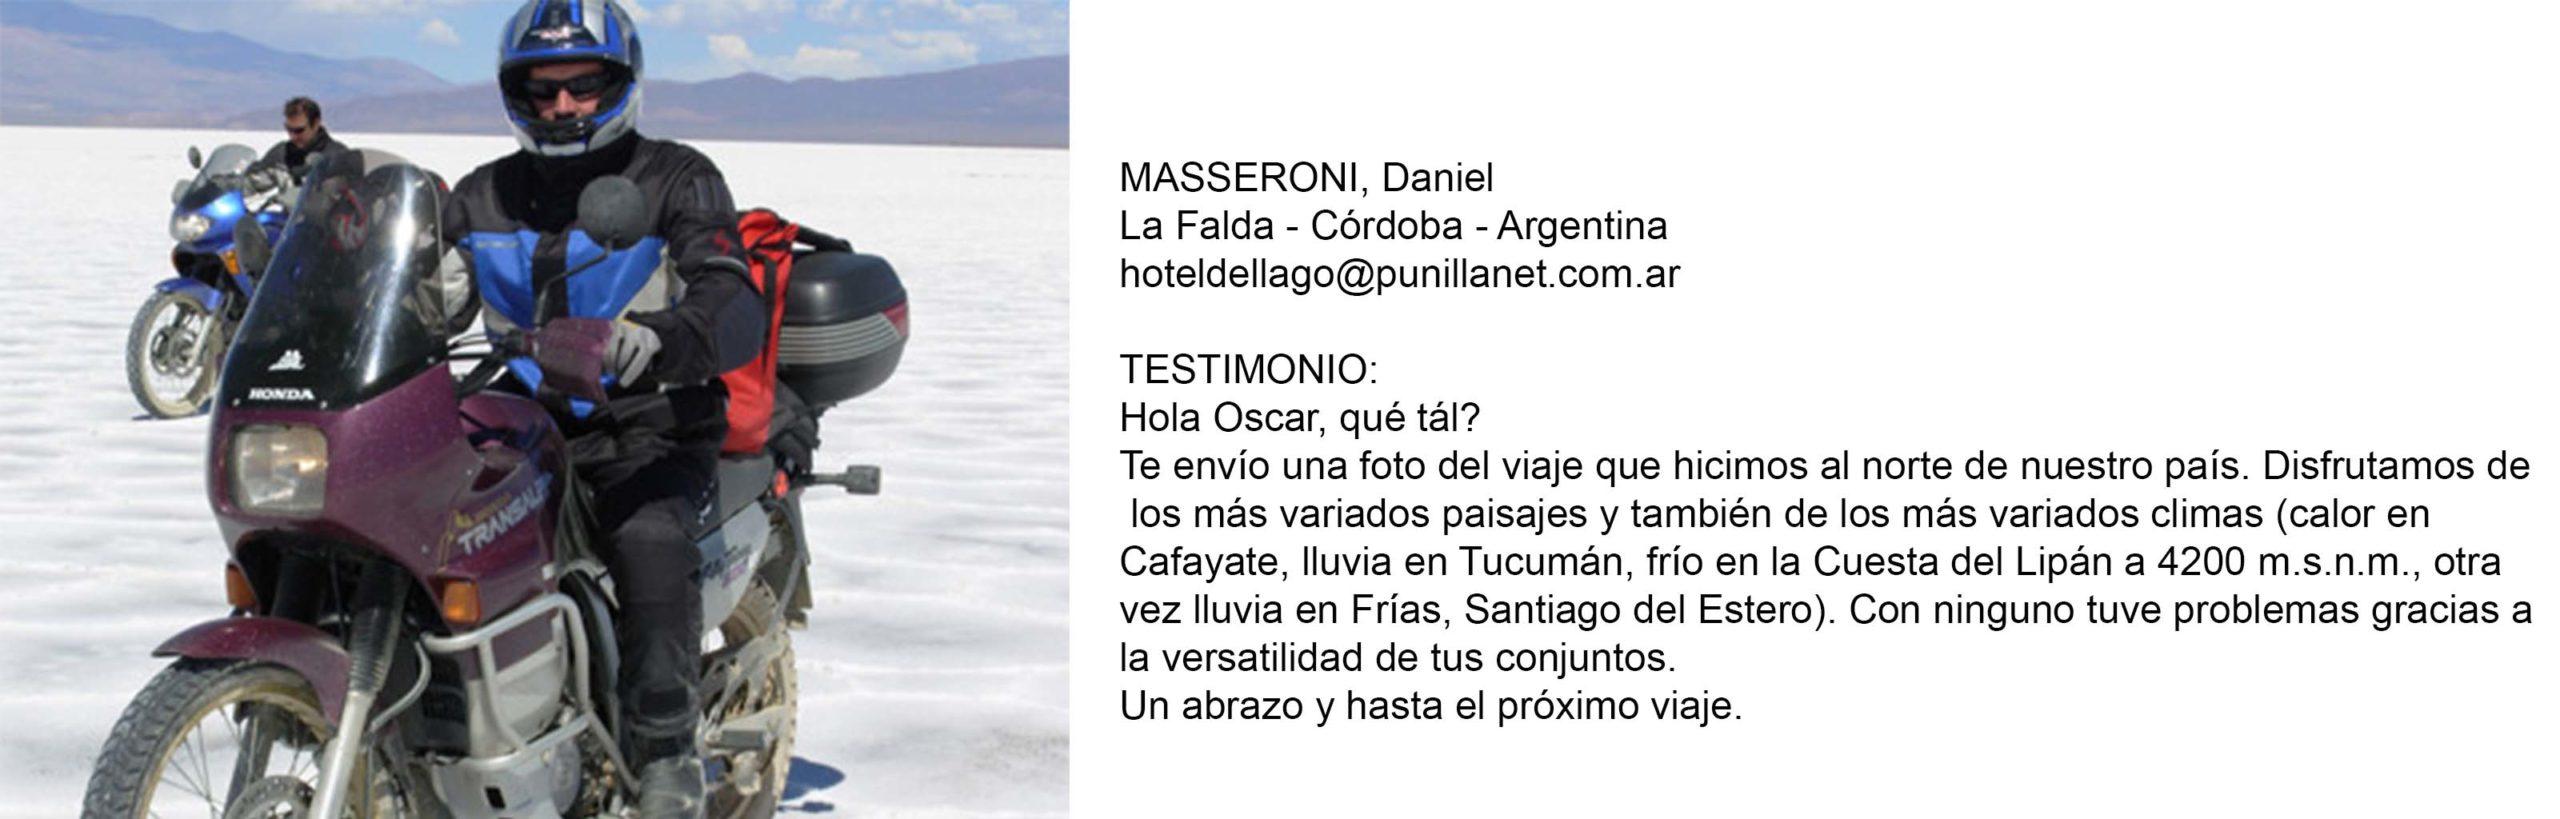 Testimonio Masseroni